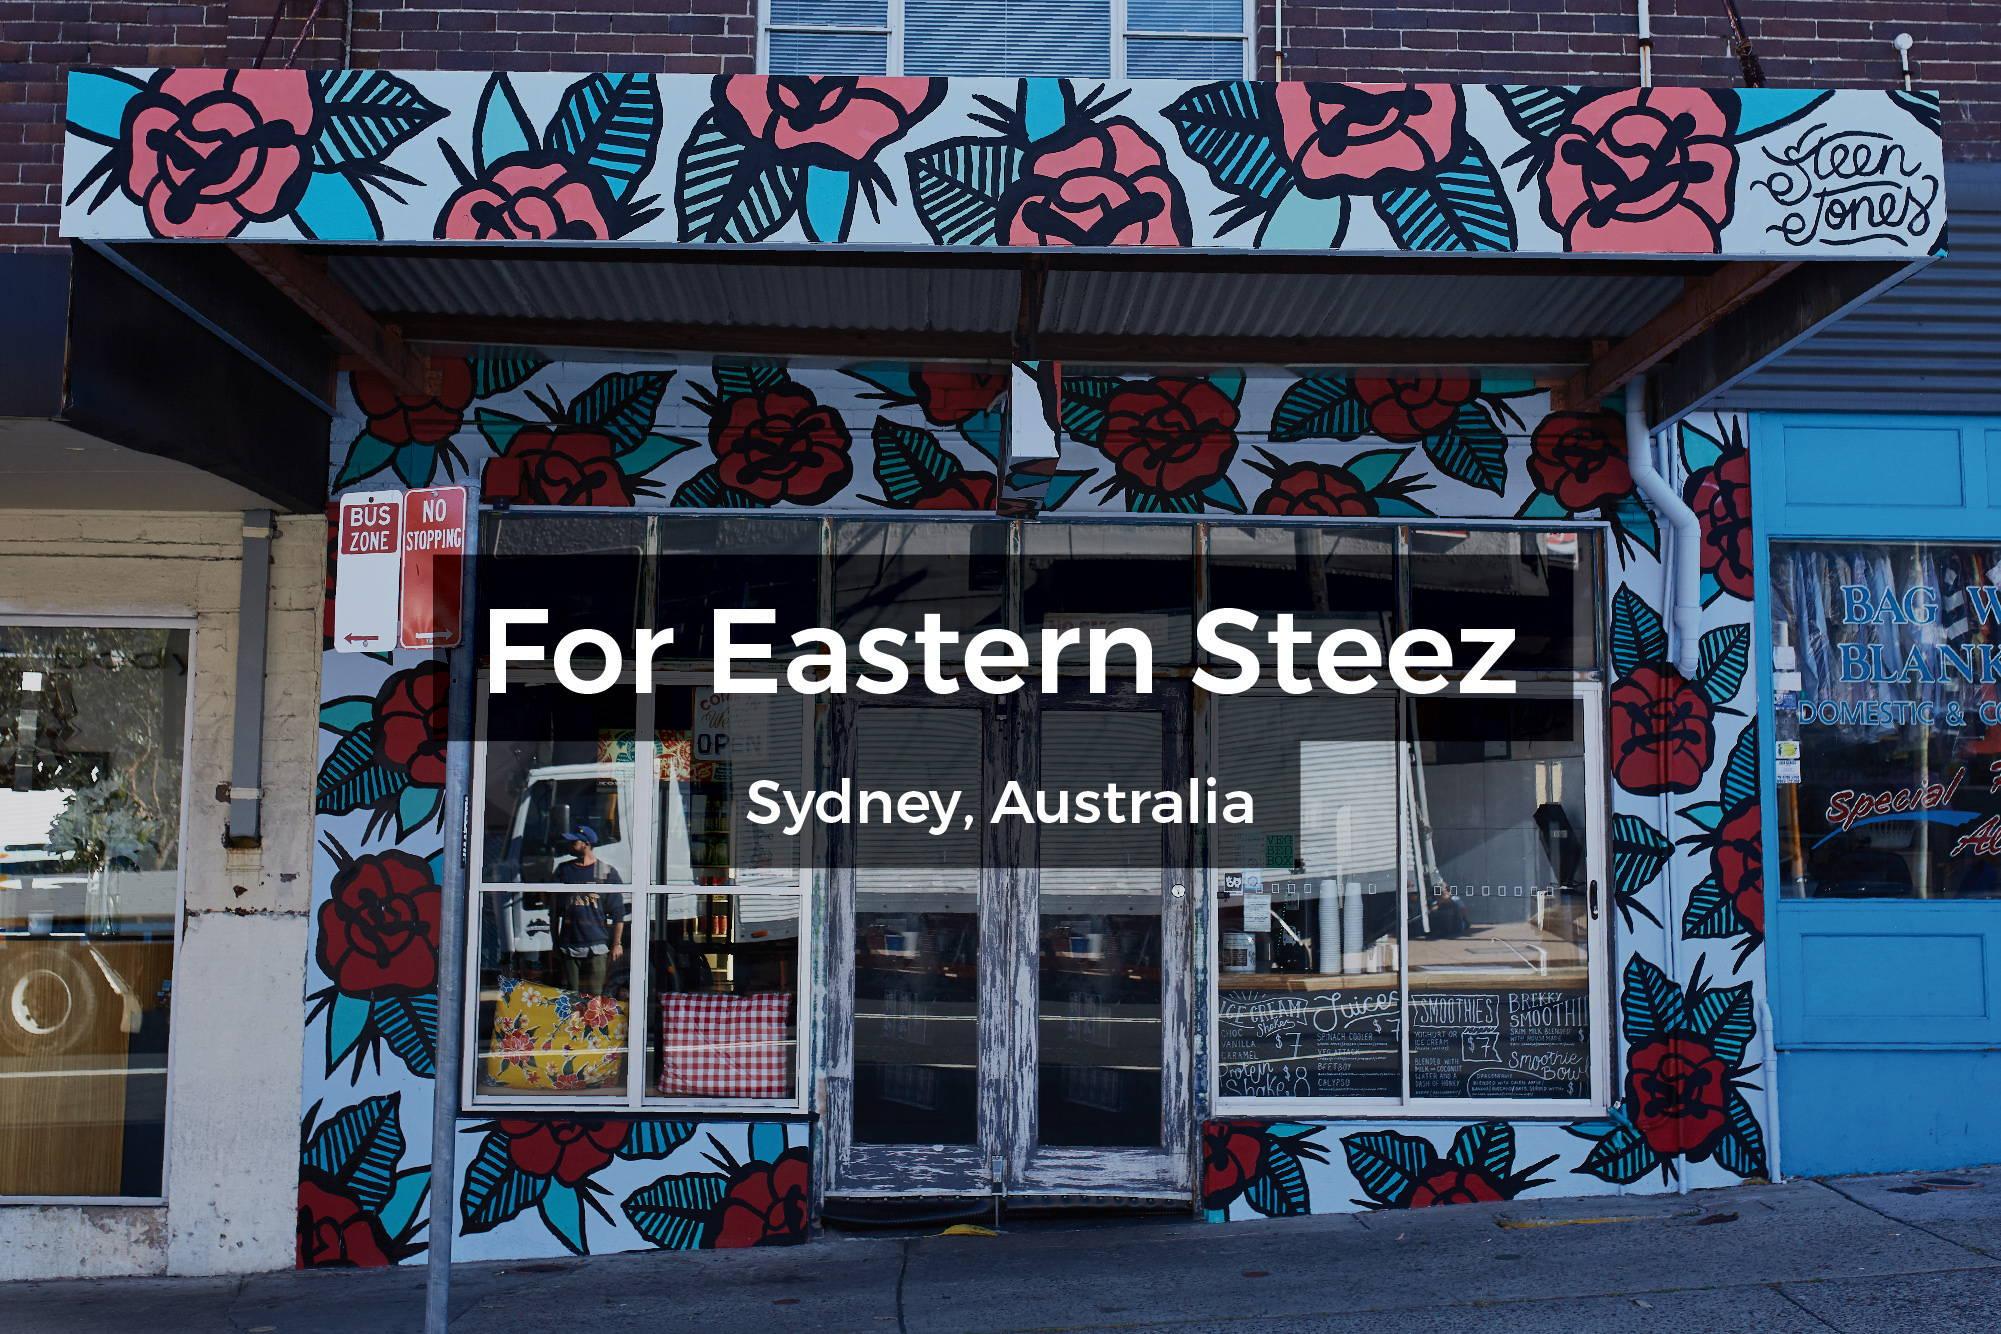 Eastern Steez mural in Sydney, Australia by Steen Jones